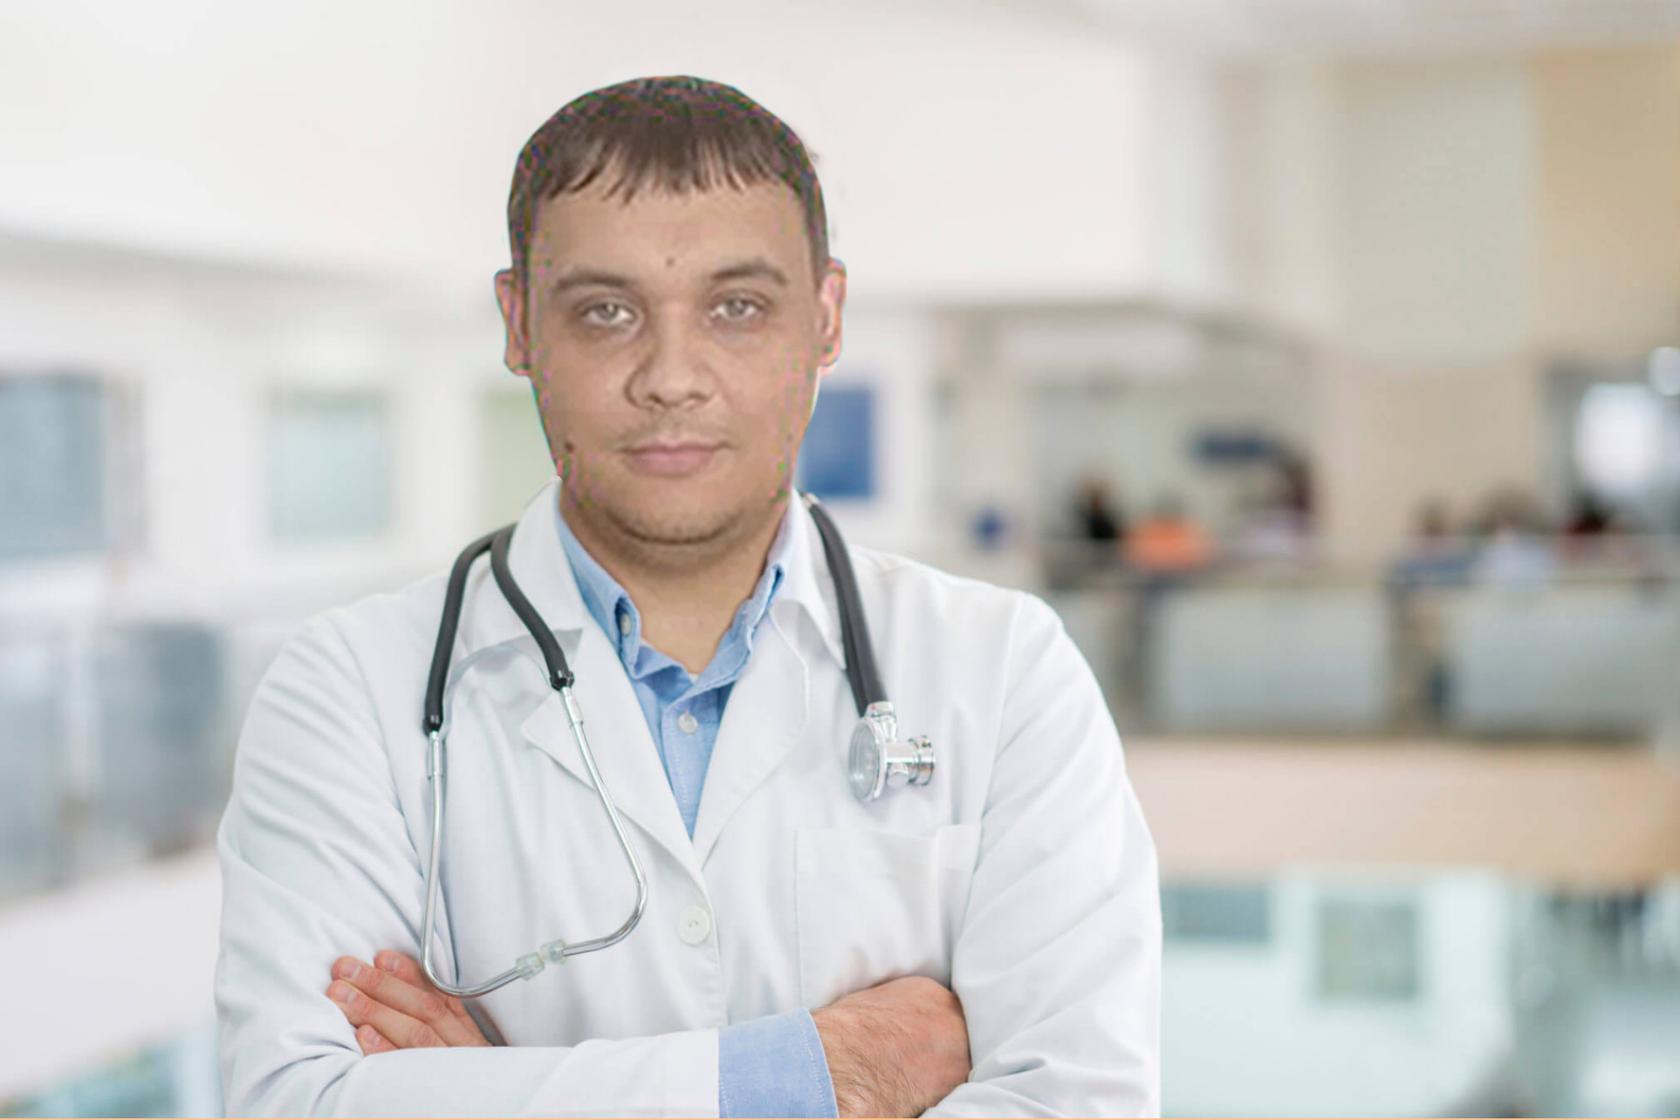 Антон Владимирович Маракулин. Хирург абдоминальный. Врач высшей категории